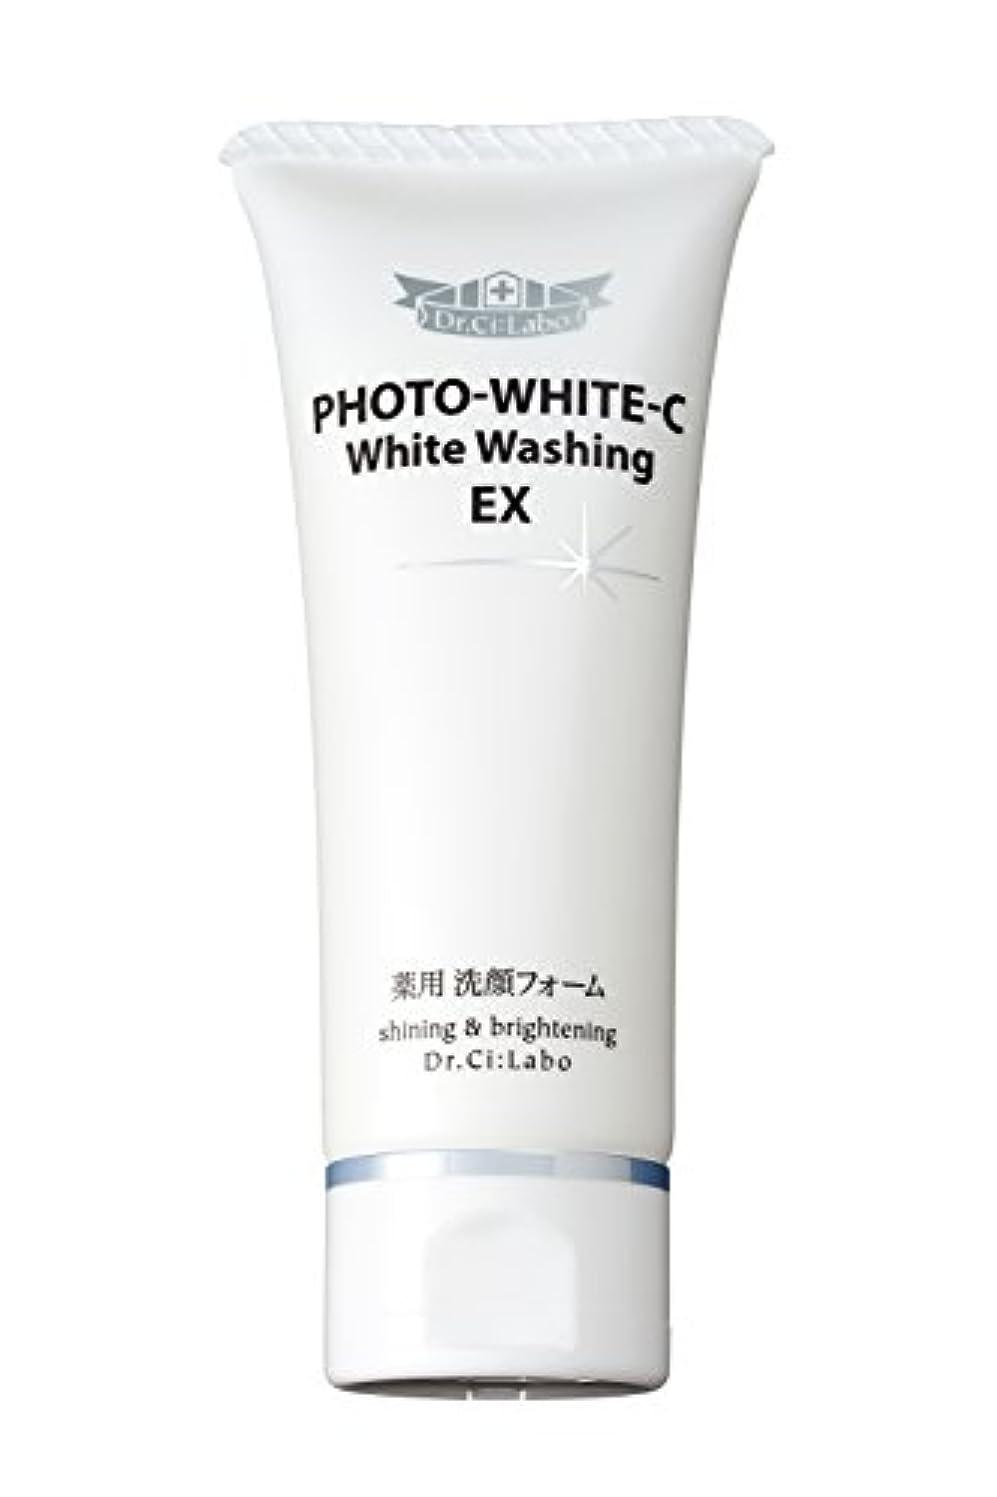 ベッド満足ホバートドクターシーラボ フォトホワイトC薬用ホワイトウォッシングEX 90g 洗顔フォーム [医薬部外品]